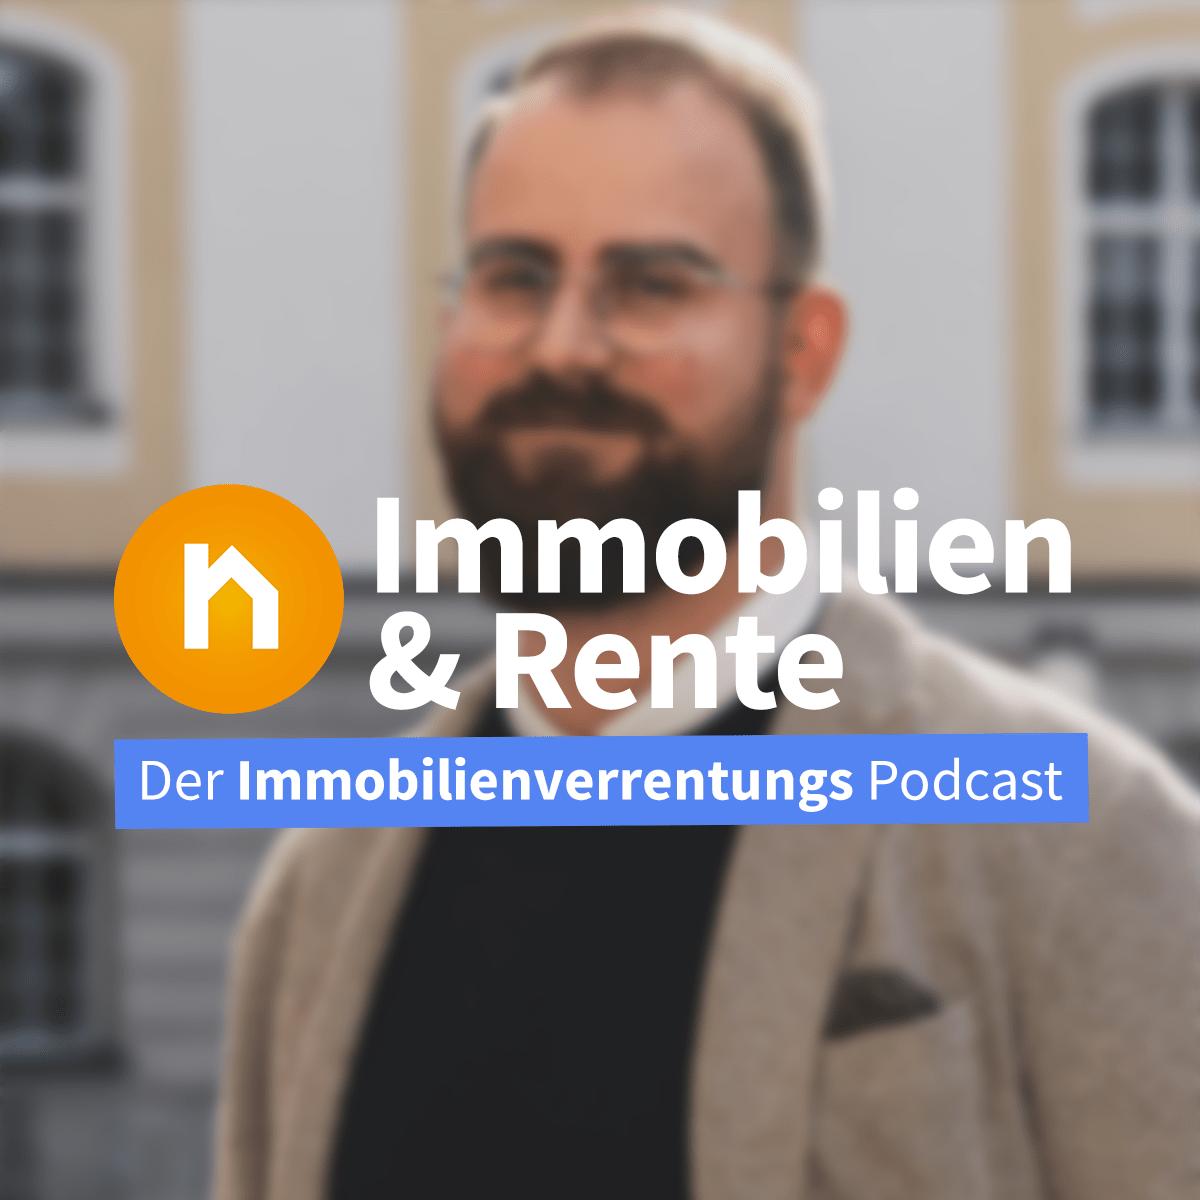 Marketing- und Digitalisierungsexperte Erol Jasharoski im Interview